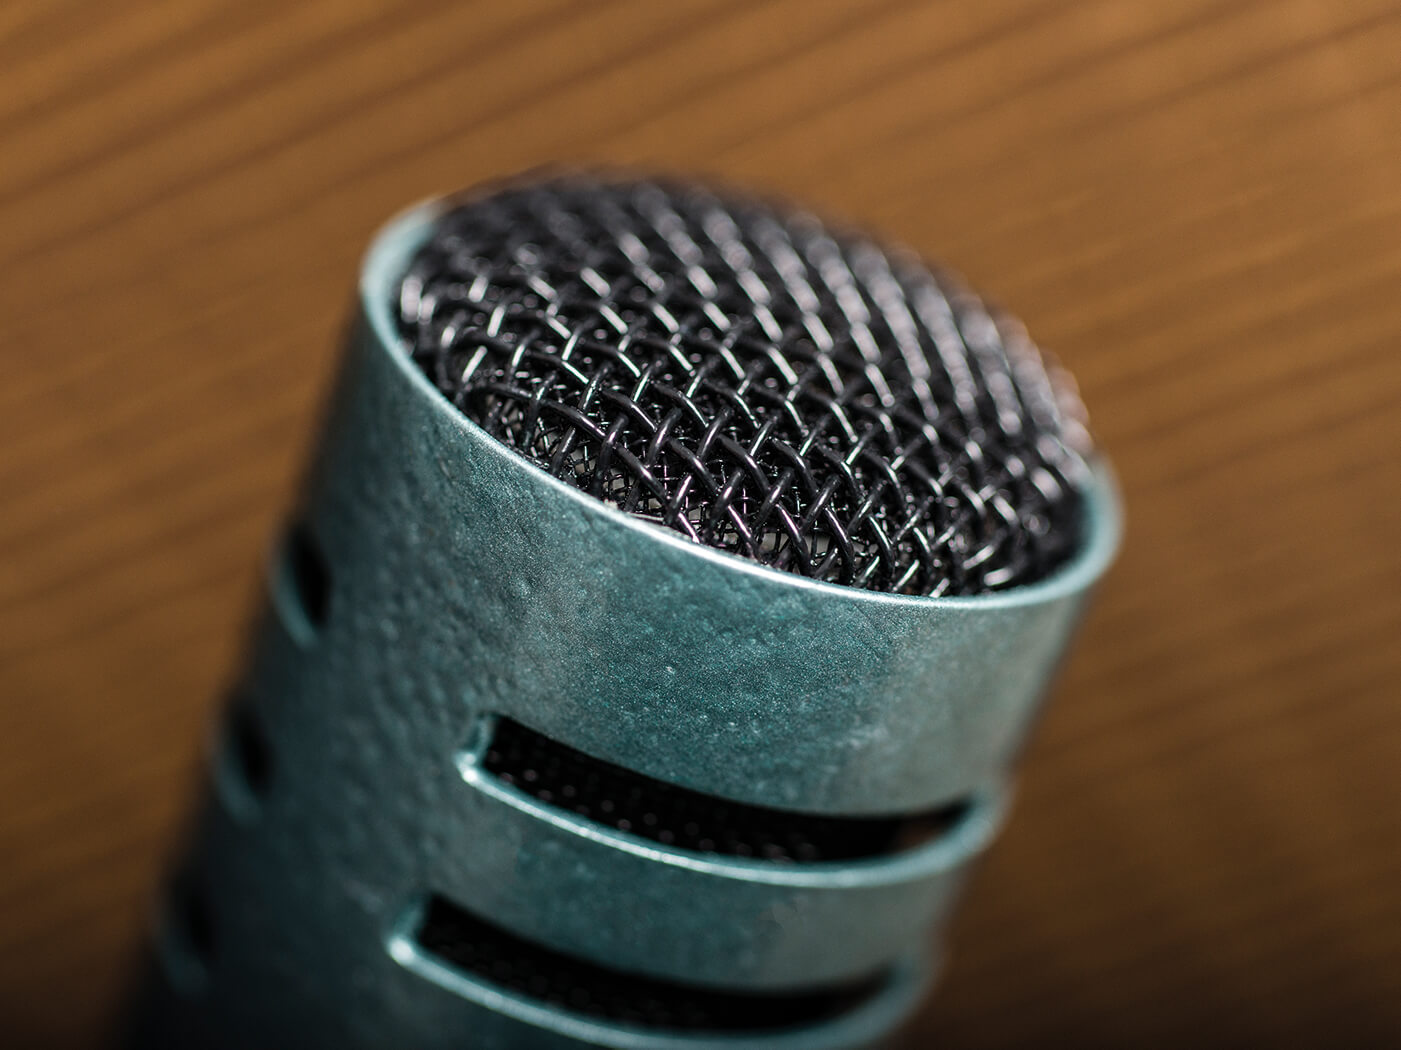 Tul microphones g12 retro